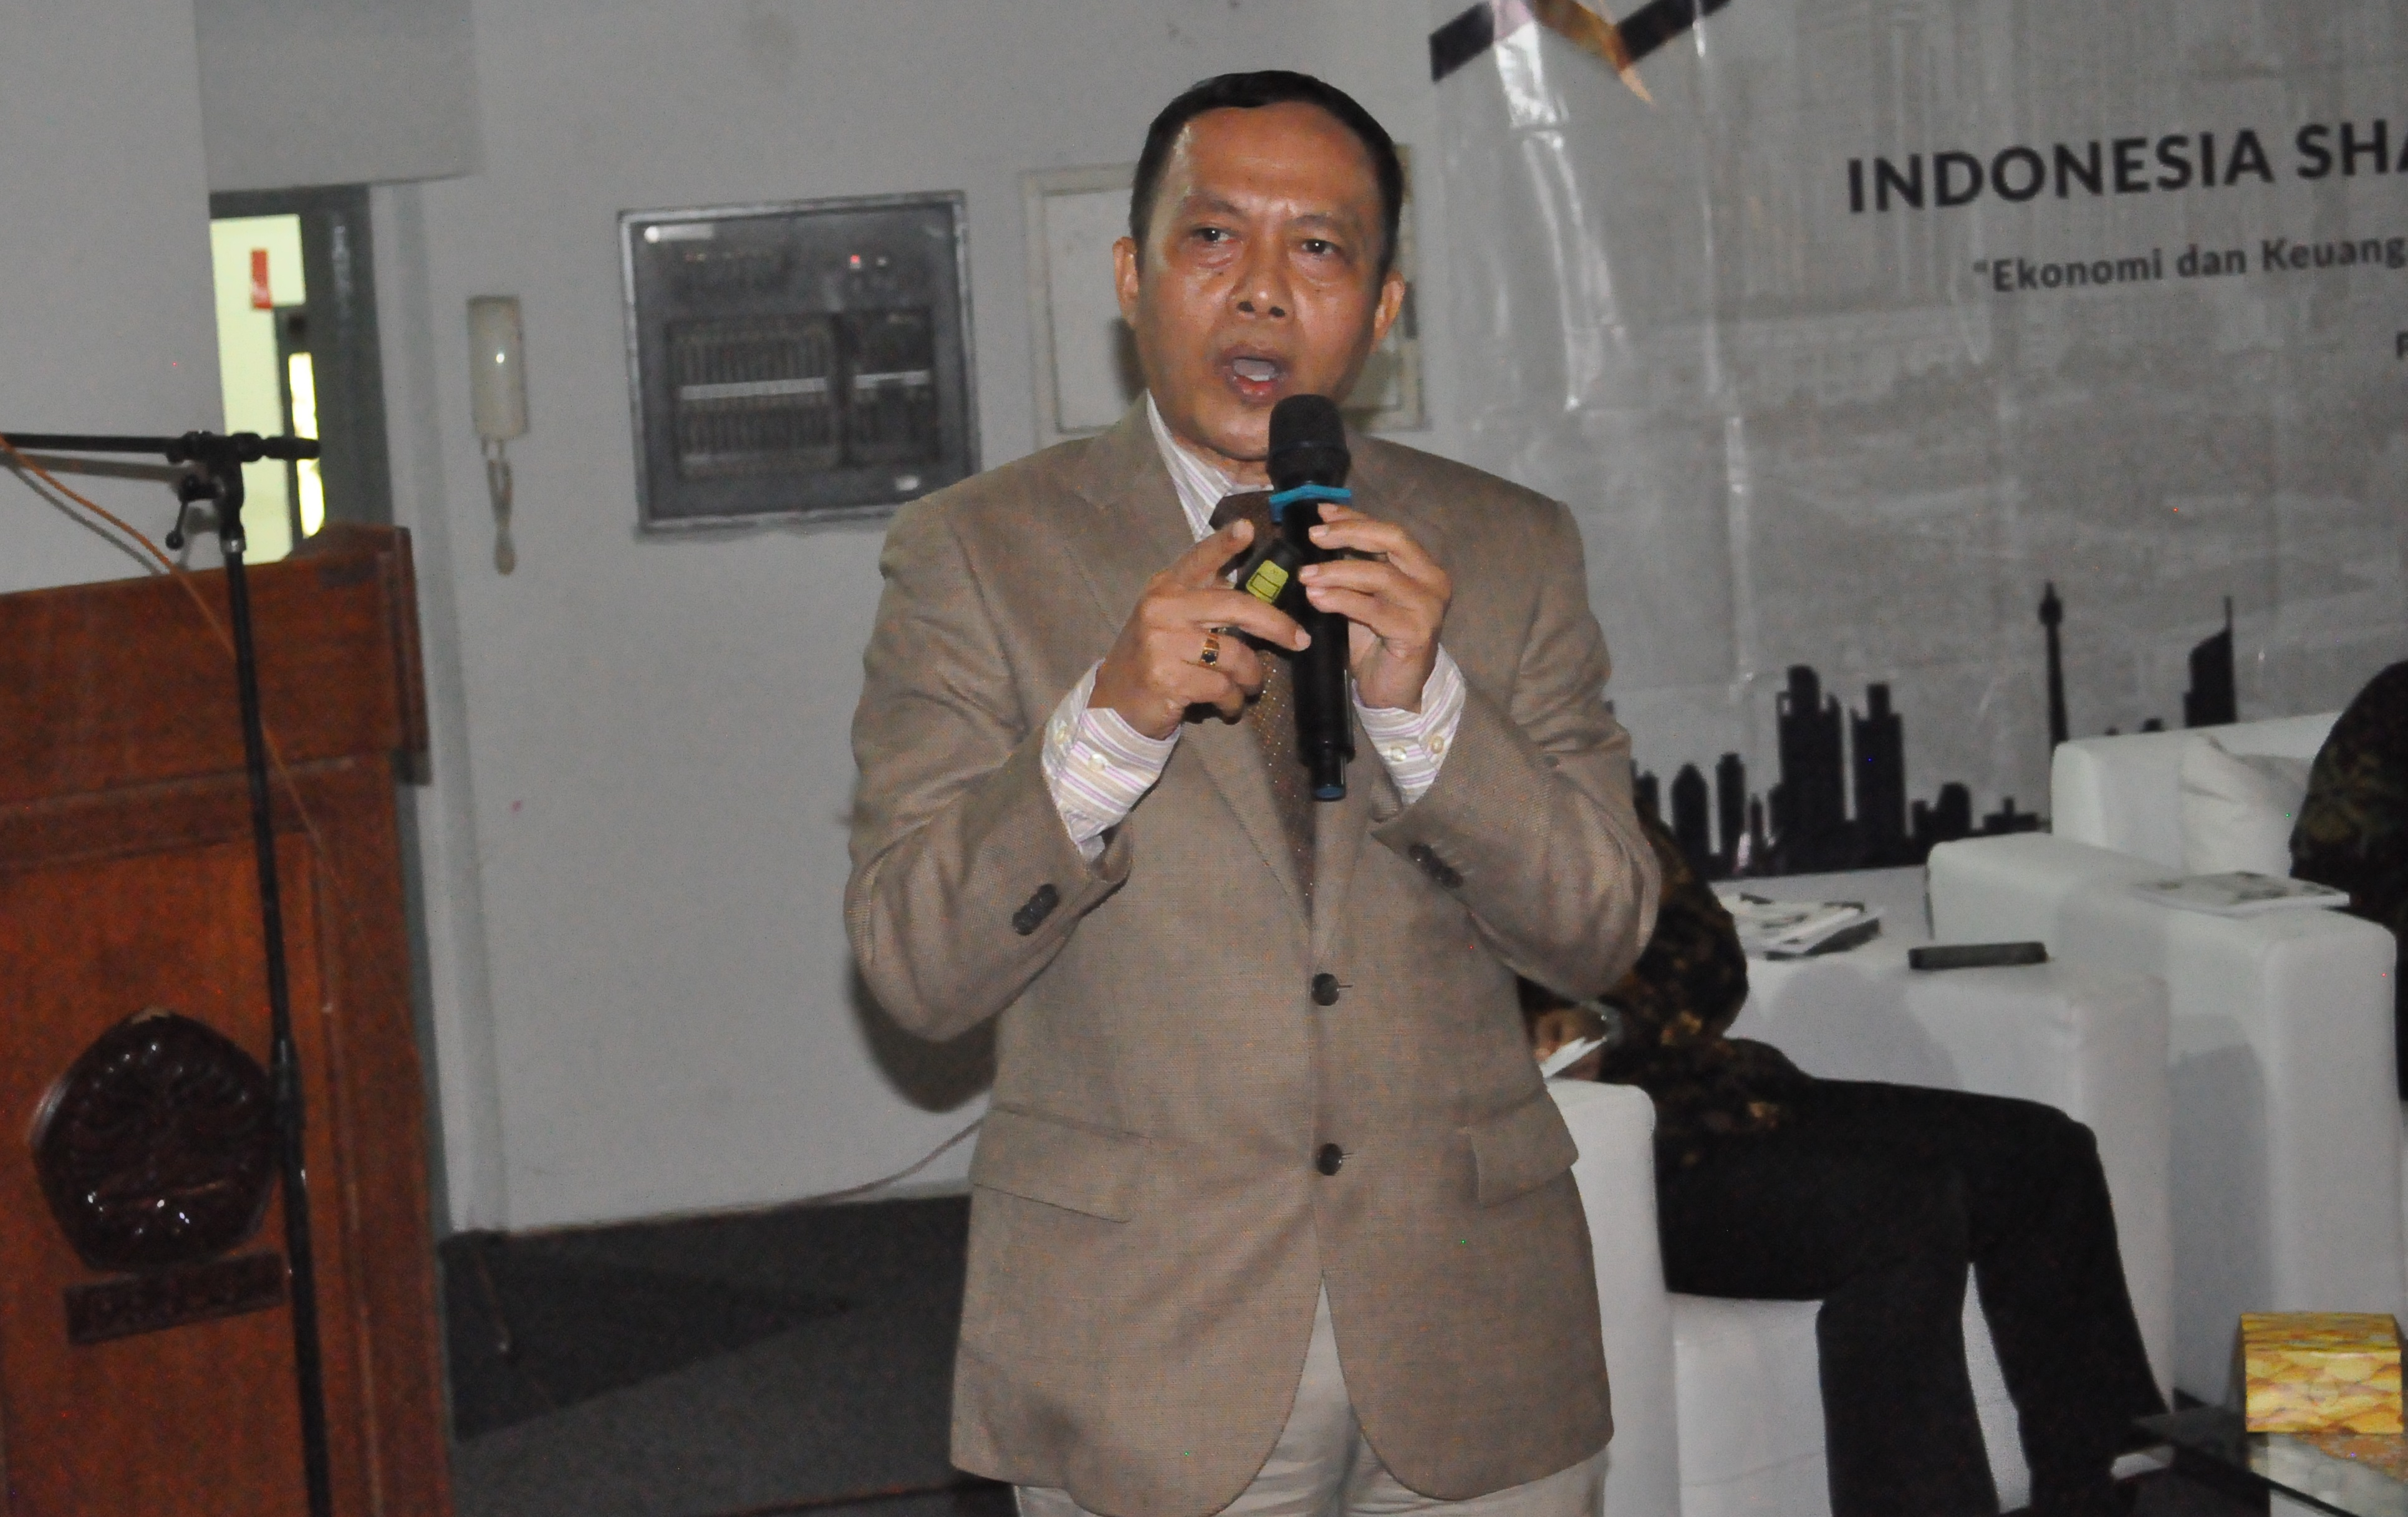 IHW Dorong Pemerintah Terapkan UU JPH Bagi Barang Impor dan Restoran Asing